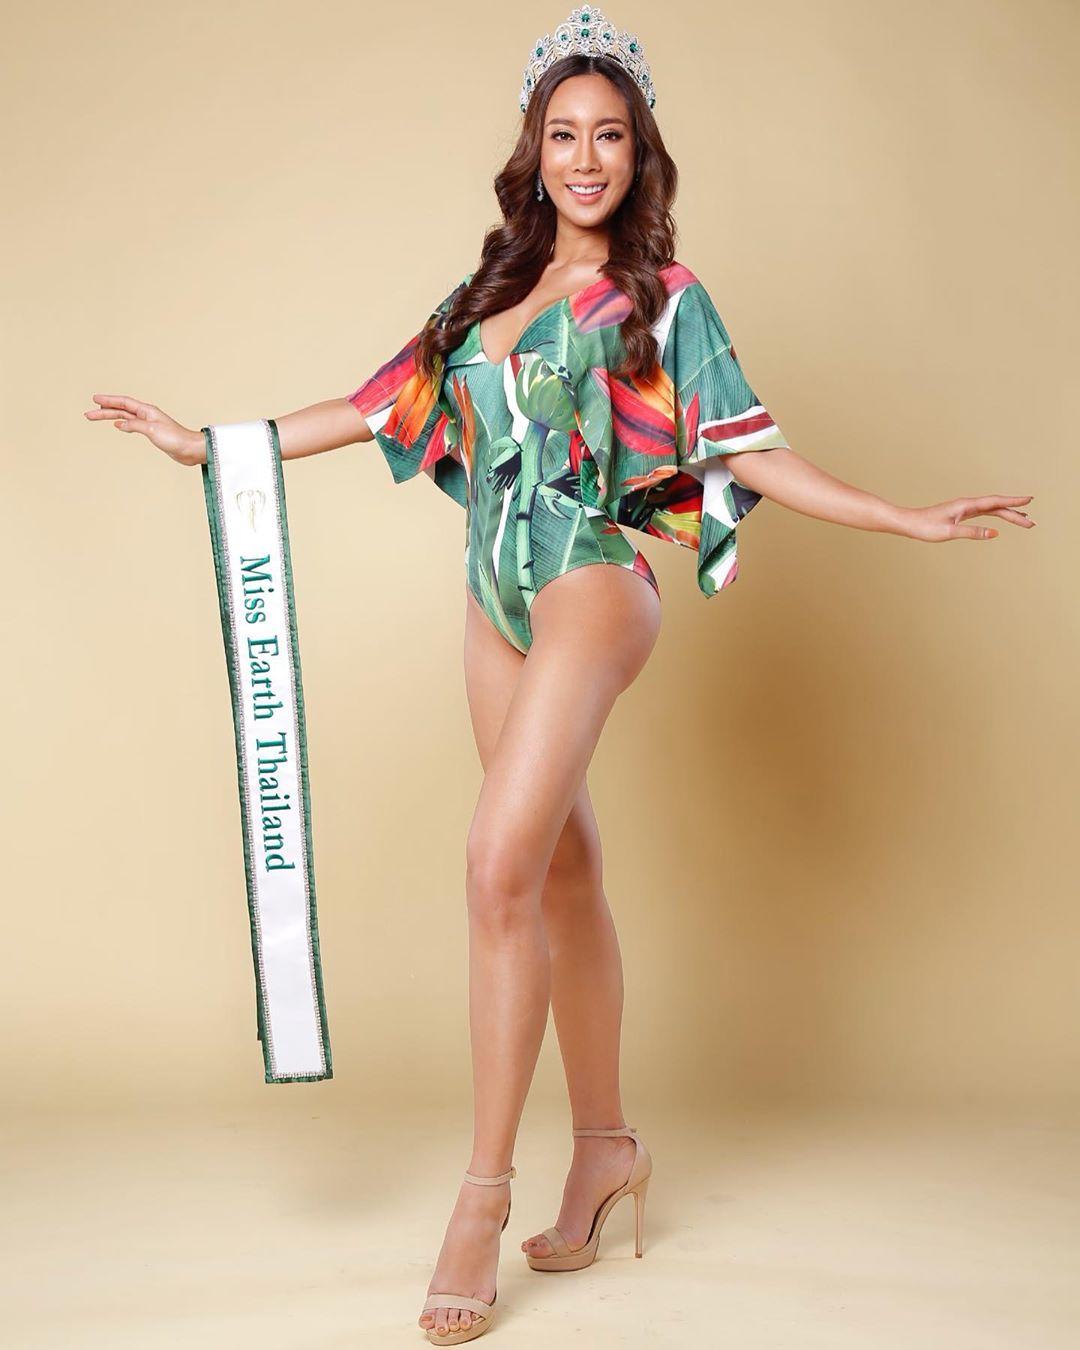 Hoa hậu Thái Lan tiết lộ bị rách vòng 3 do bơm quá đà - 1